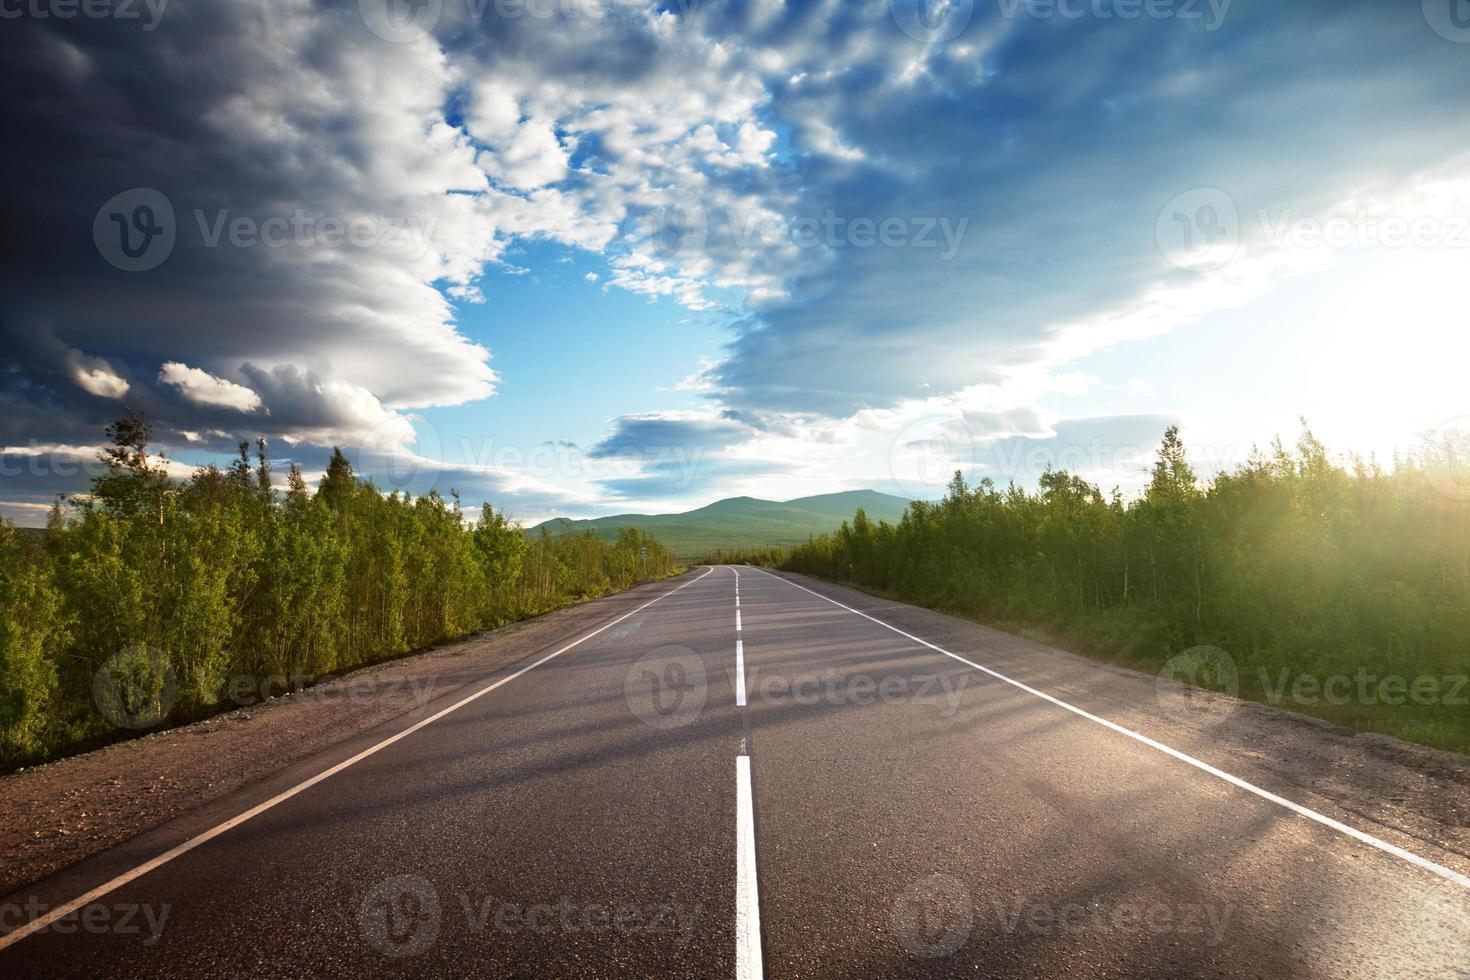 une longue route avec des arbres de chaque côté et un beau ciel photo